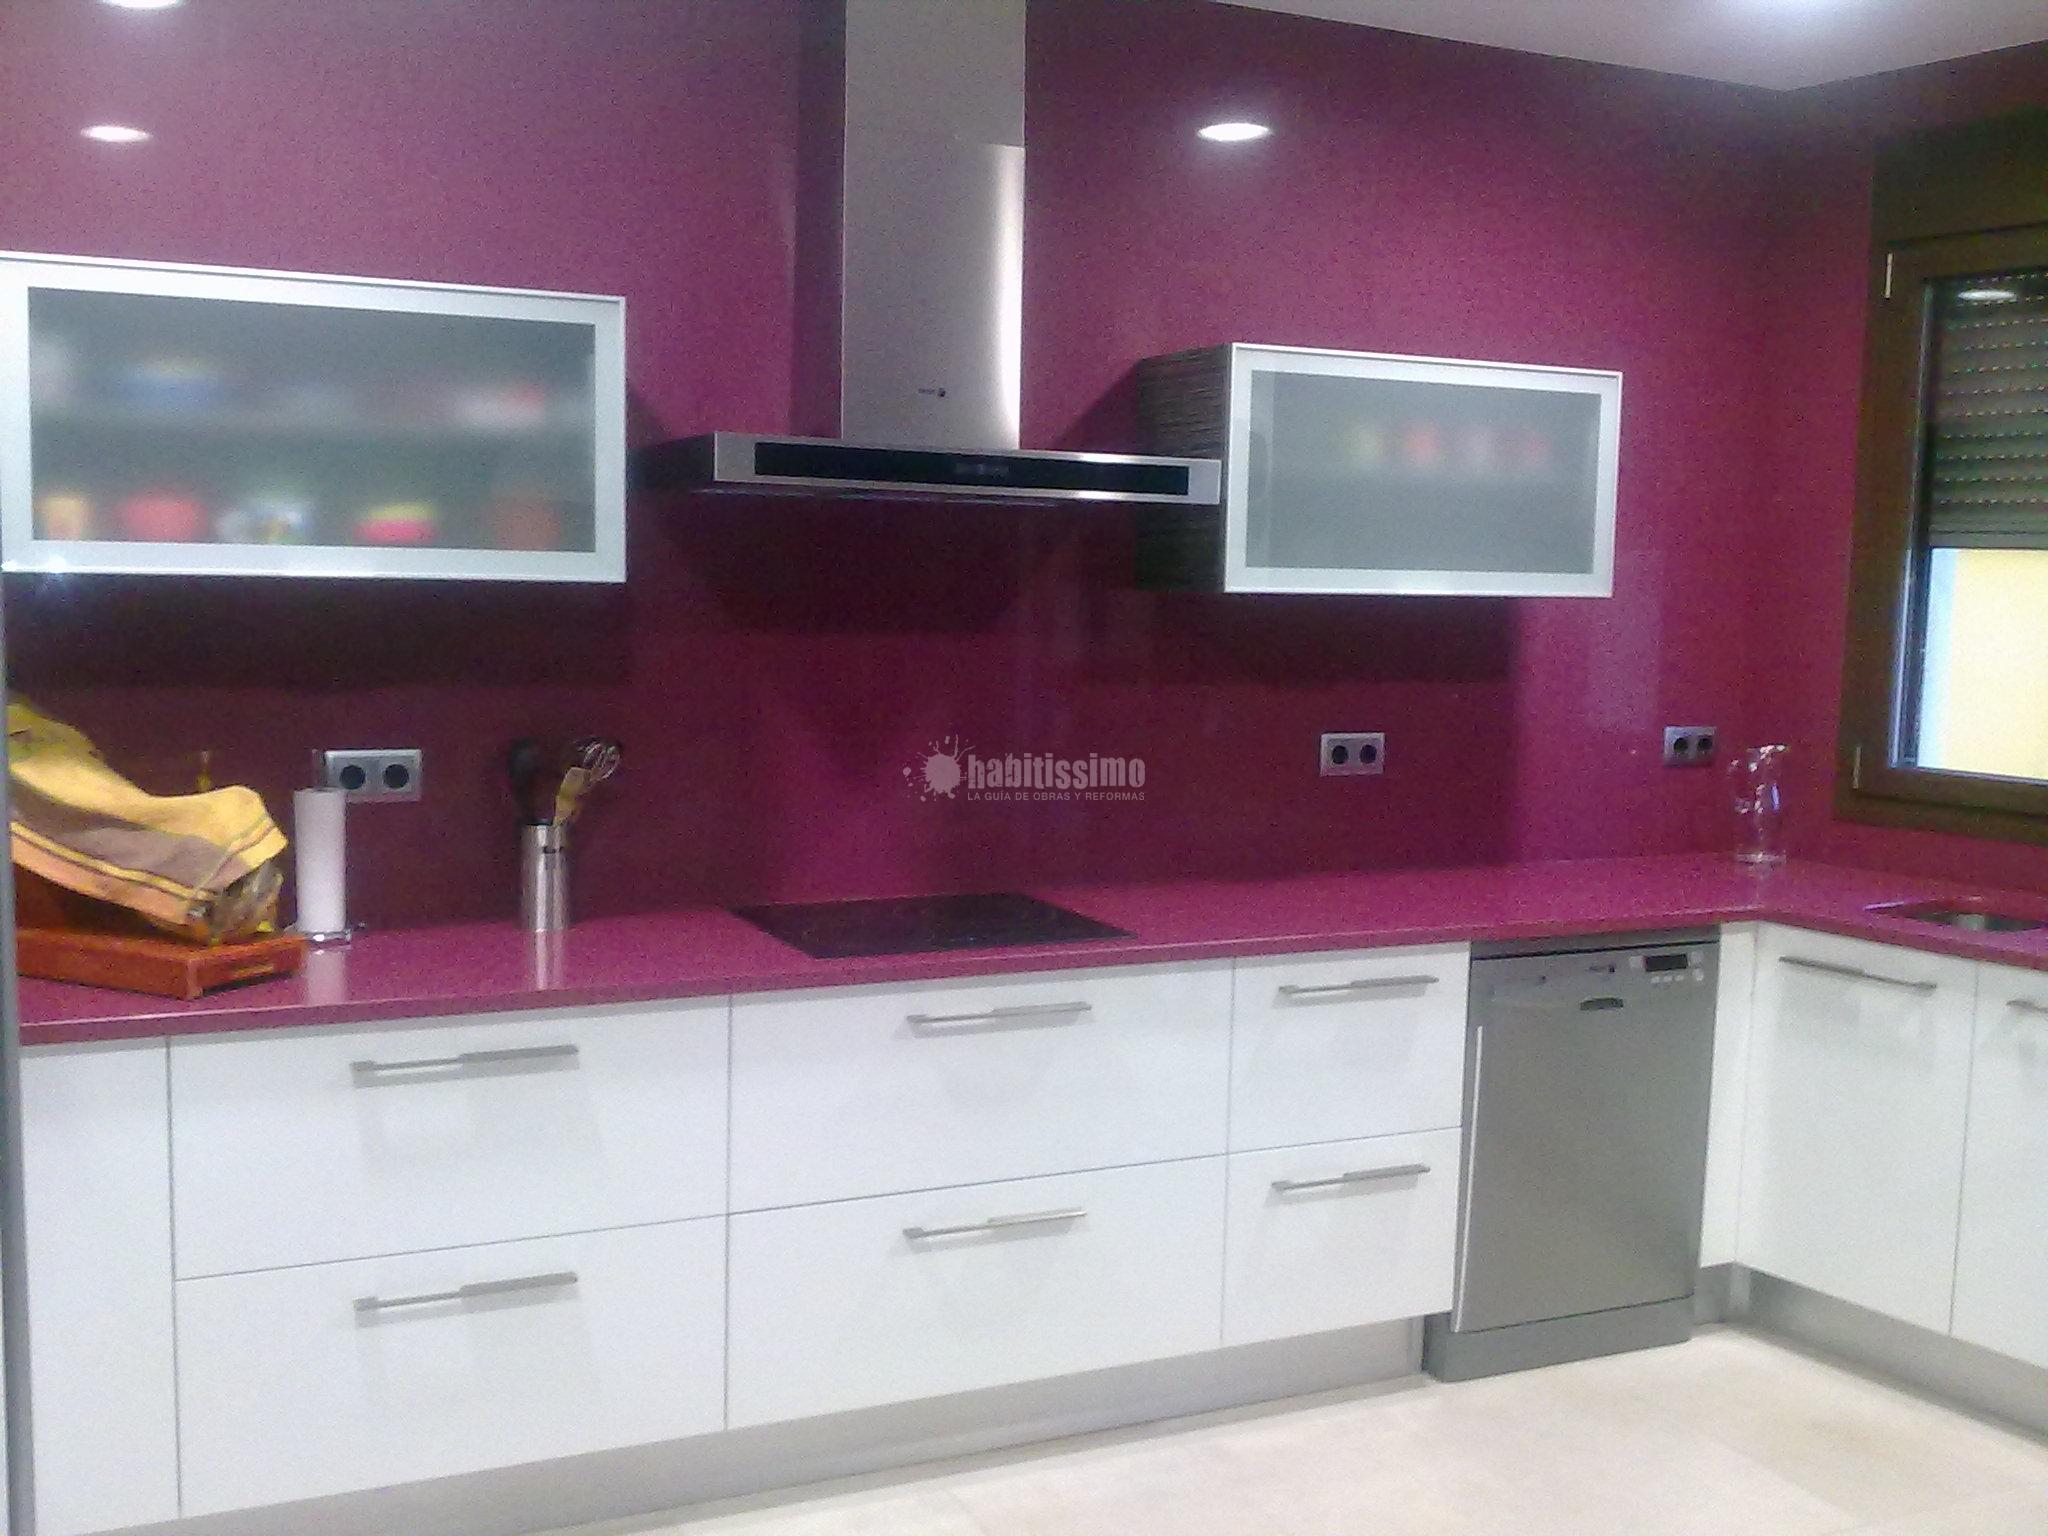 Revestimiento de pared de cocina y fogon de gas google - Revestimiento para paredes de cocina ...